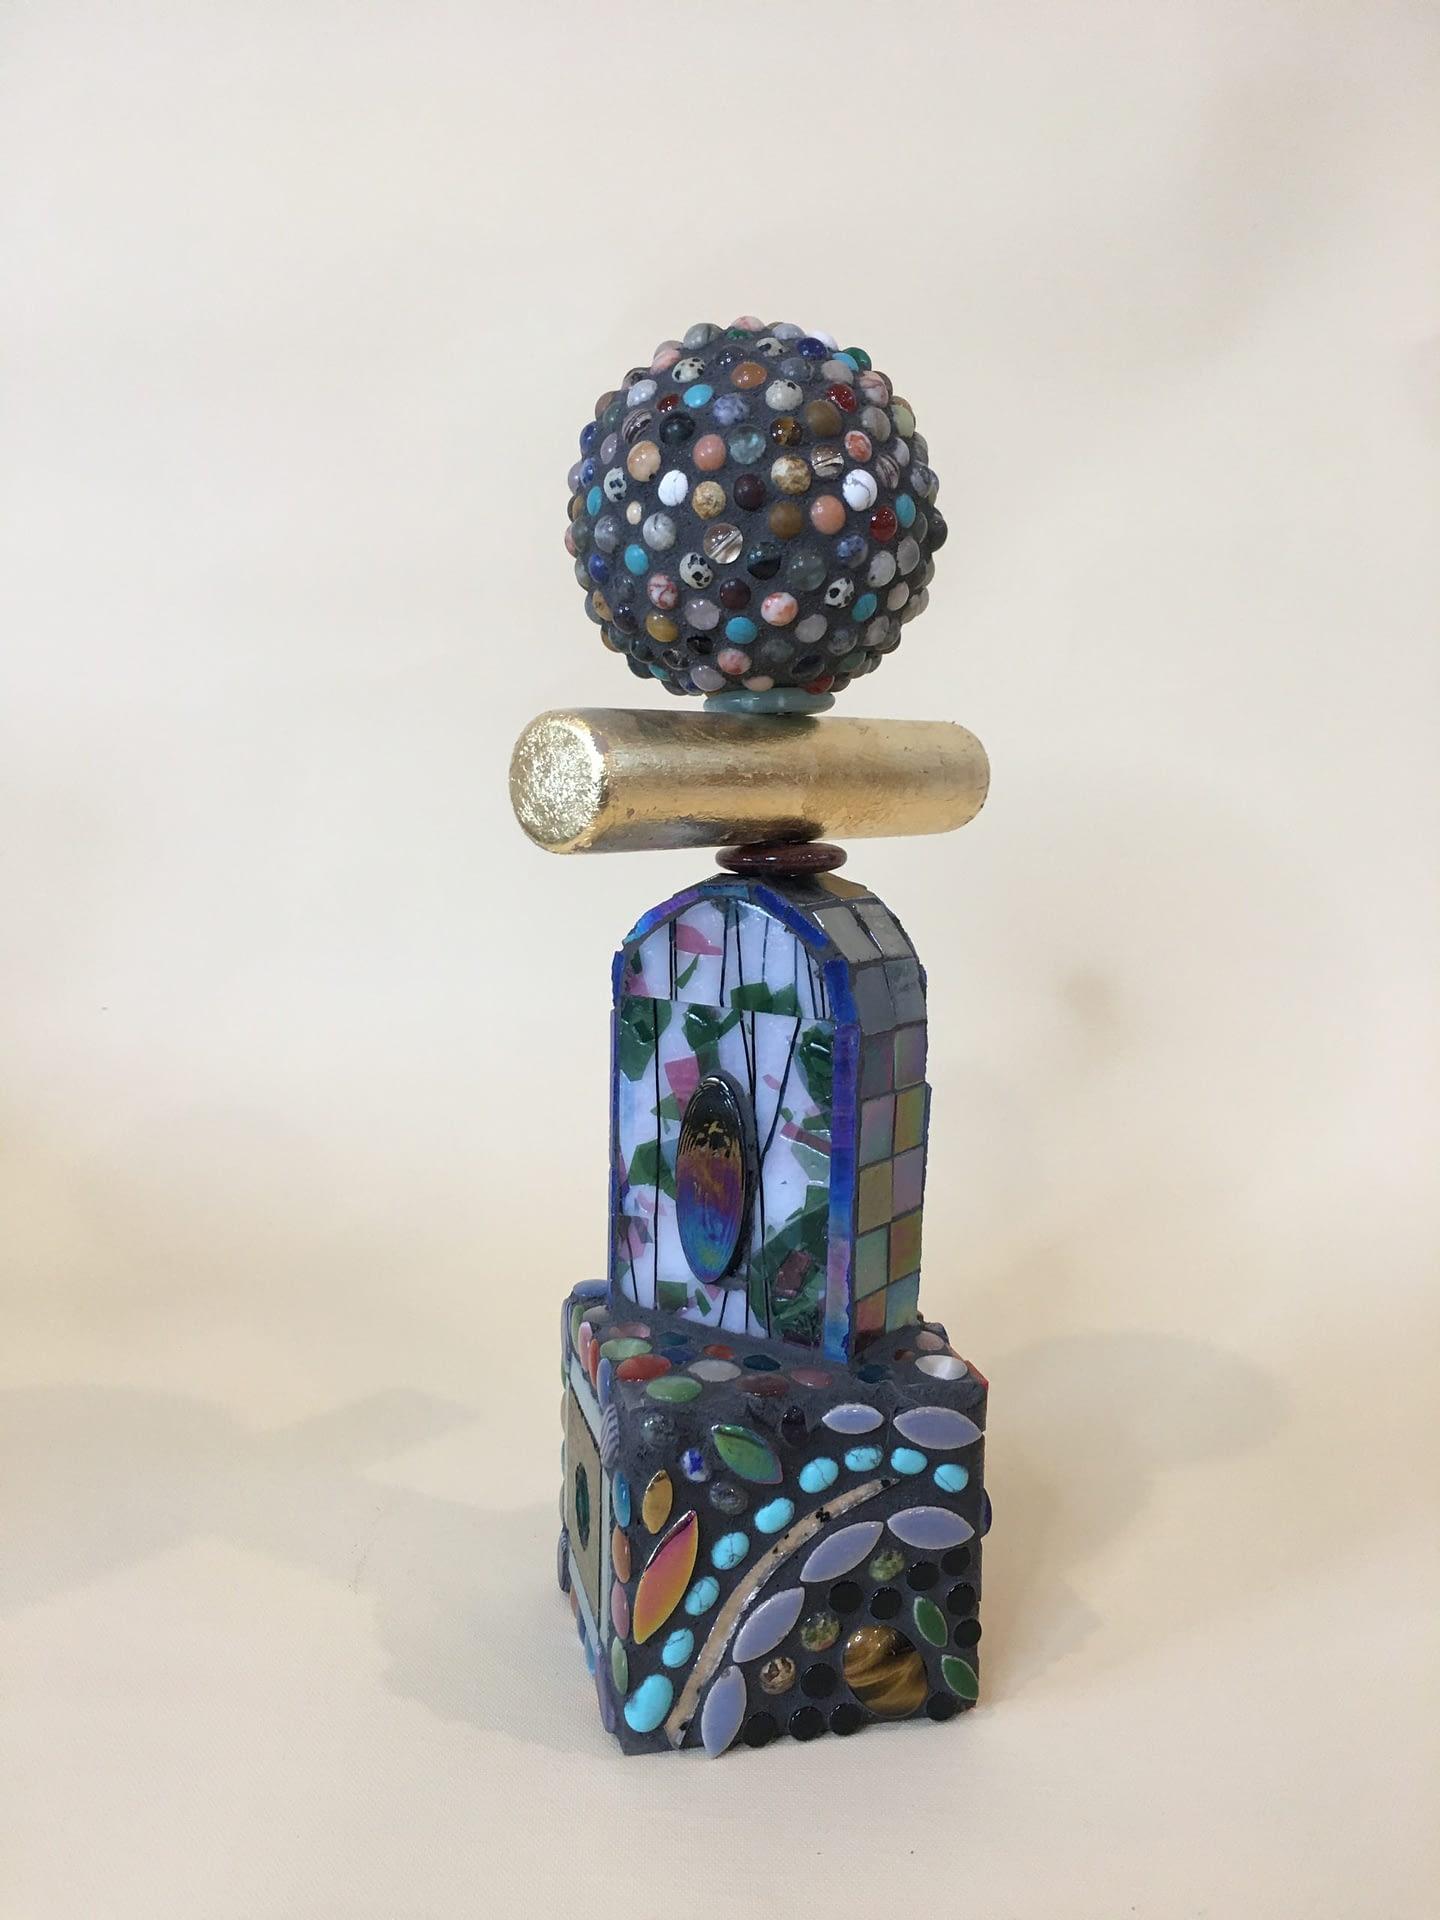 Glass Mosaic sculpture No. 2